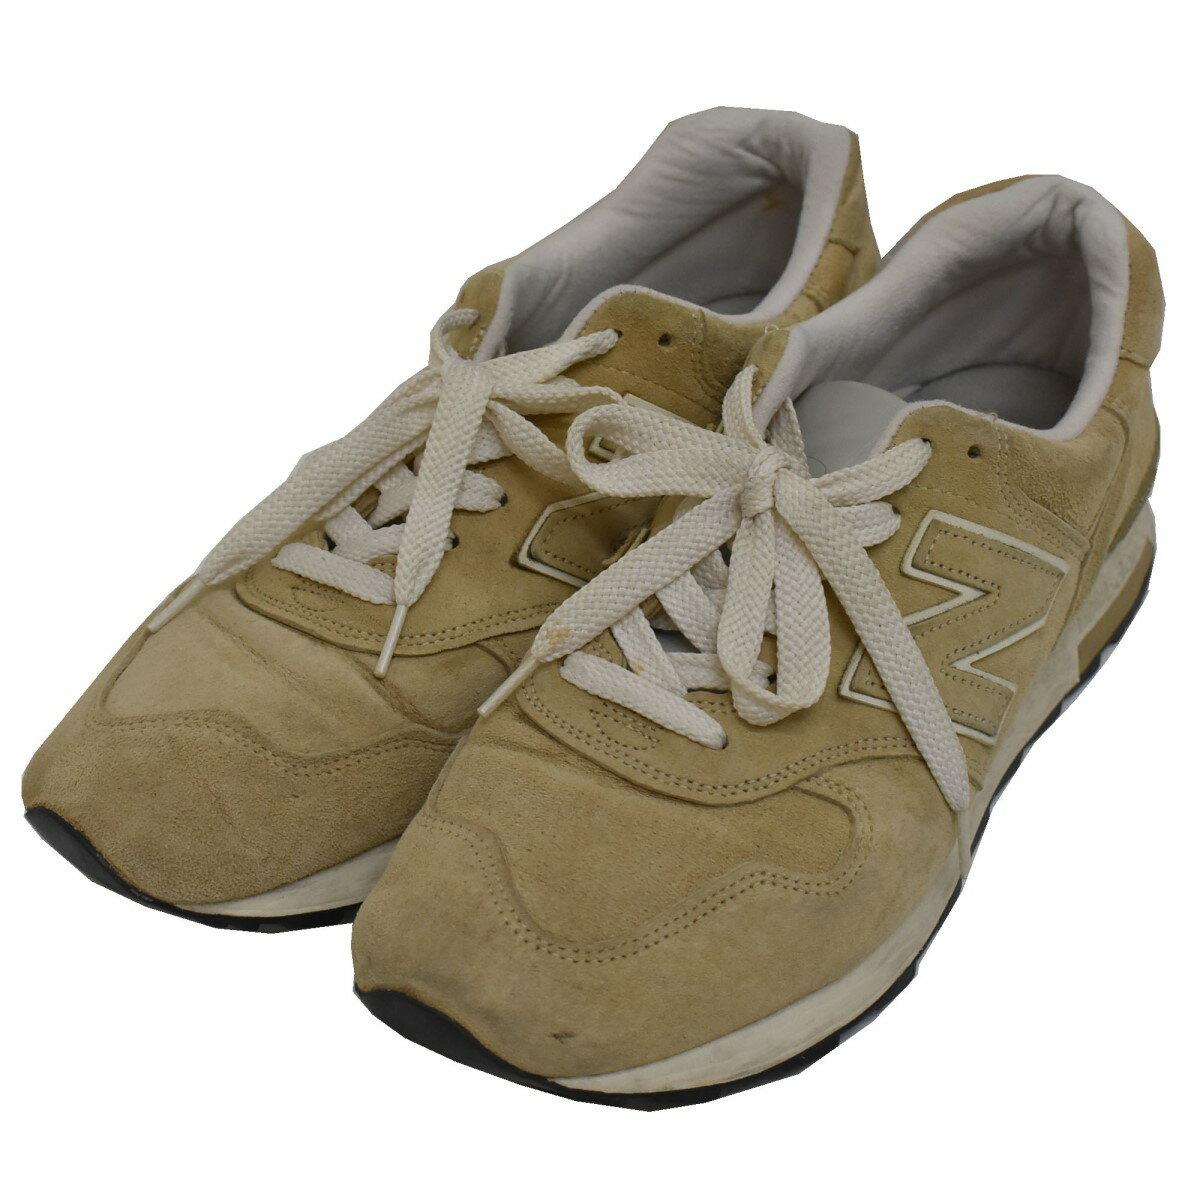 メンズ靴, その他 NEW BALANCE M1400BE 28 170921